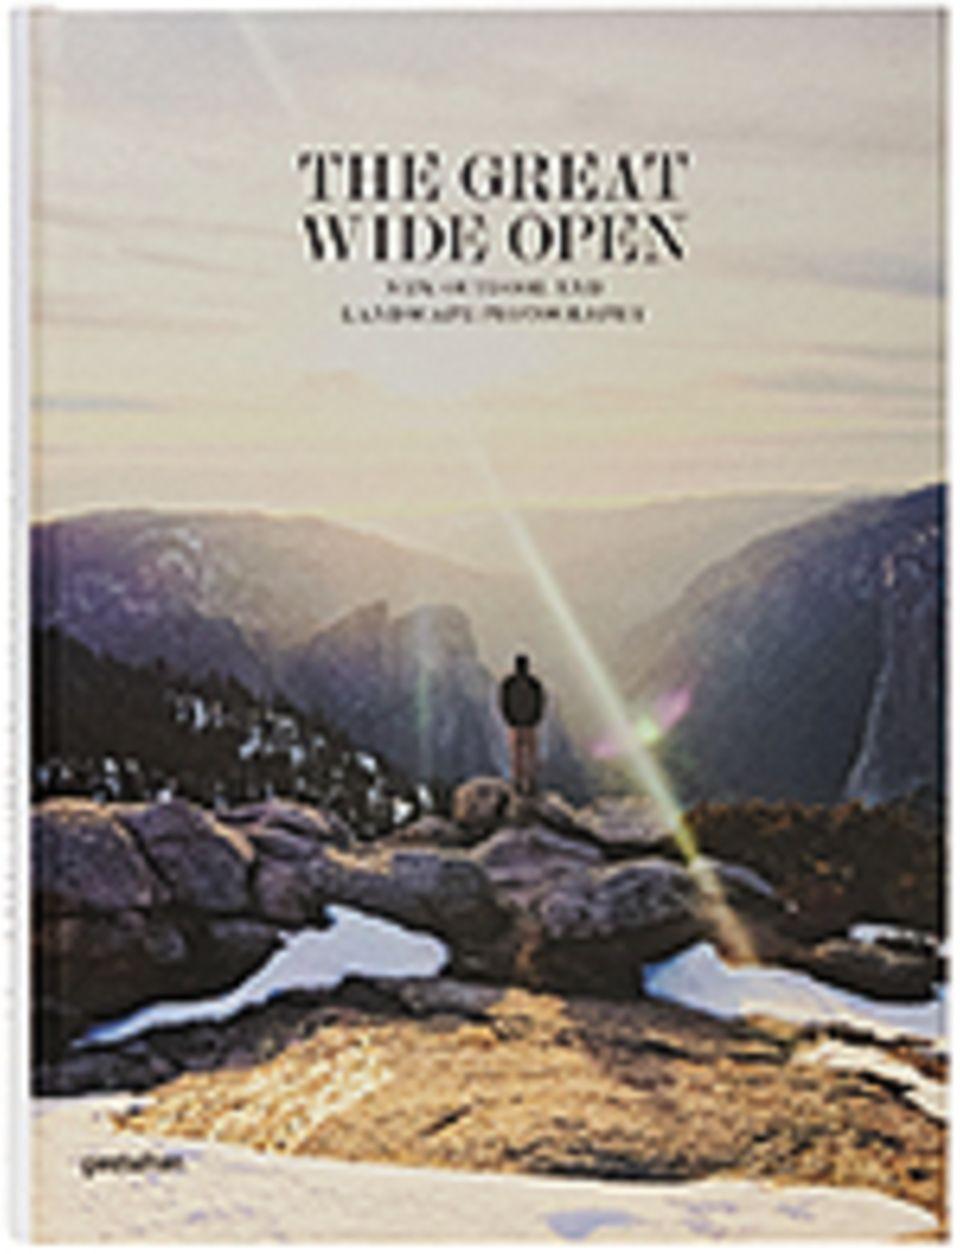 Fotogalerie: The Great Wide Open, 352 Seiten, Texte in Englisch, 49,90 €, erschien 2015 bei gestalten